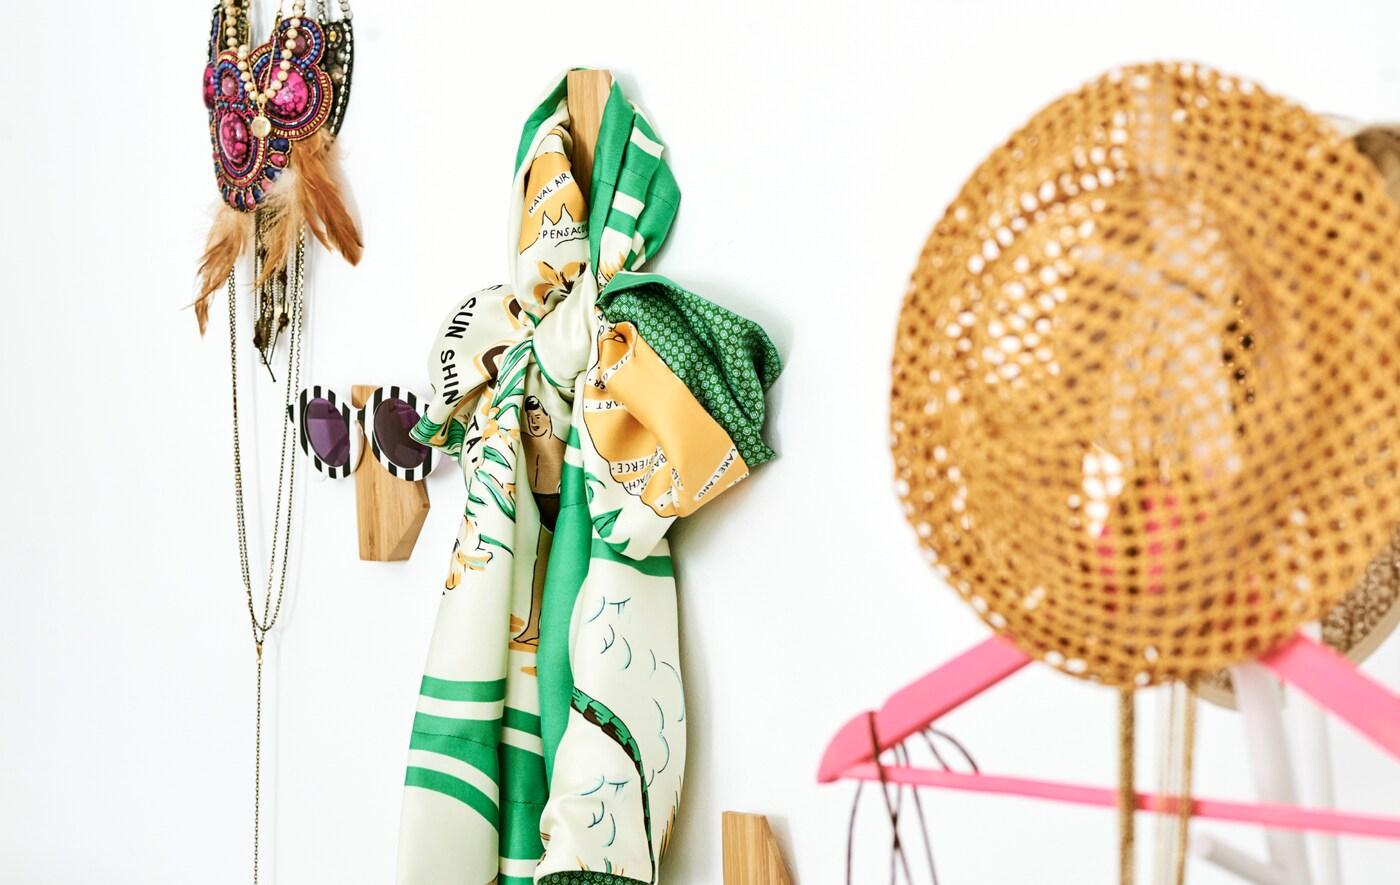 Asymmetriske kroge af bambus på en væg med forskelligt tilbehør – solbriller, et tørklæde, halskæder og en stråhat.